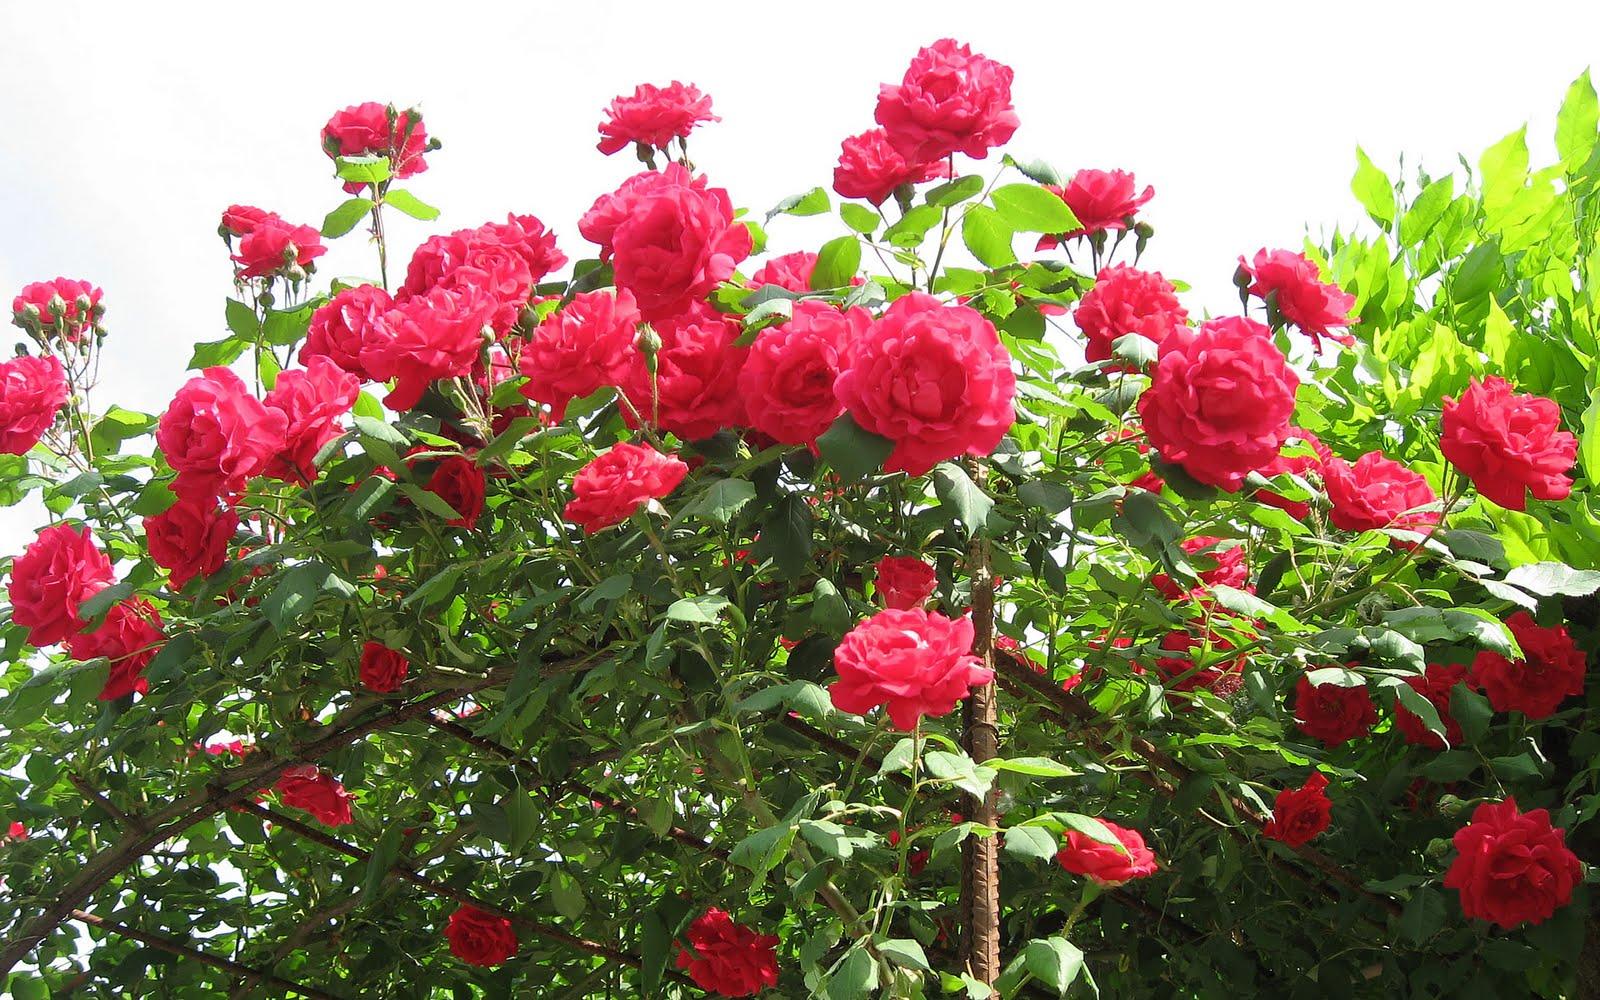 Desktop wallpapers beautiful flowers desktop free beautiful flowers desktop free izmirmasajfo Image collections